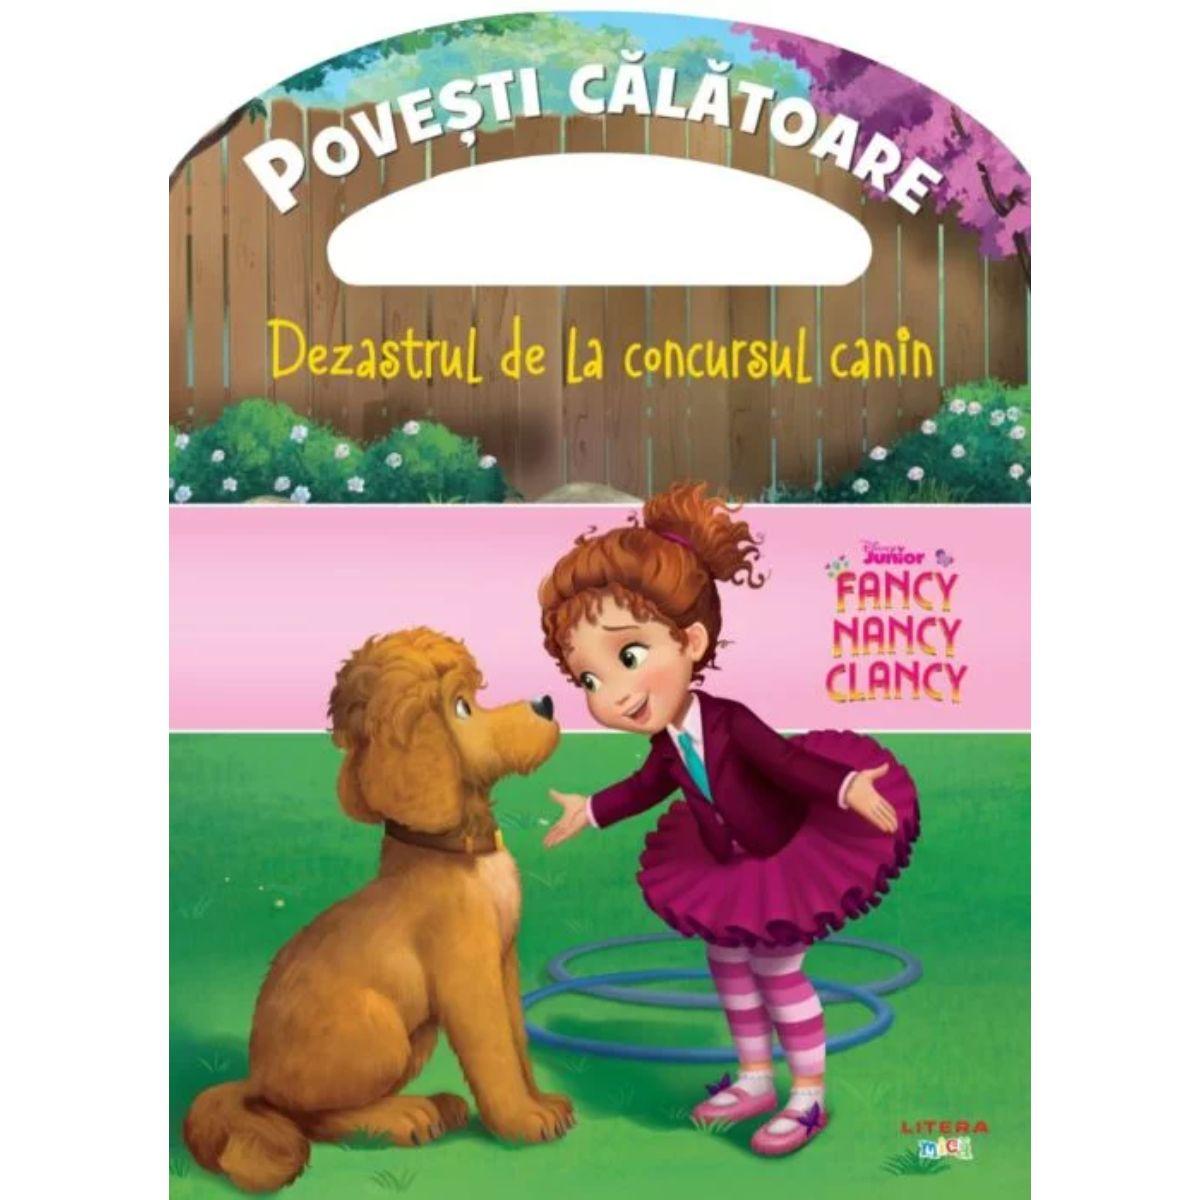 Disney Junior Fancy Nancy, Dezastrul de la concursul canin